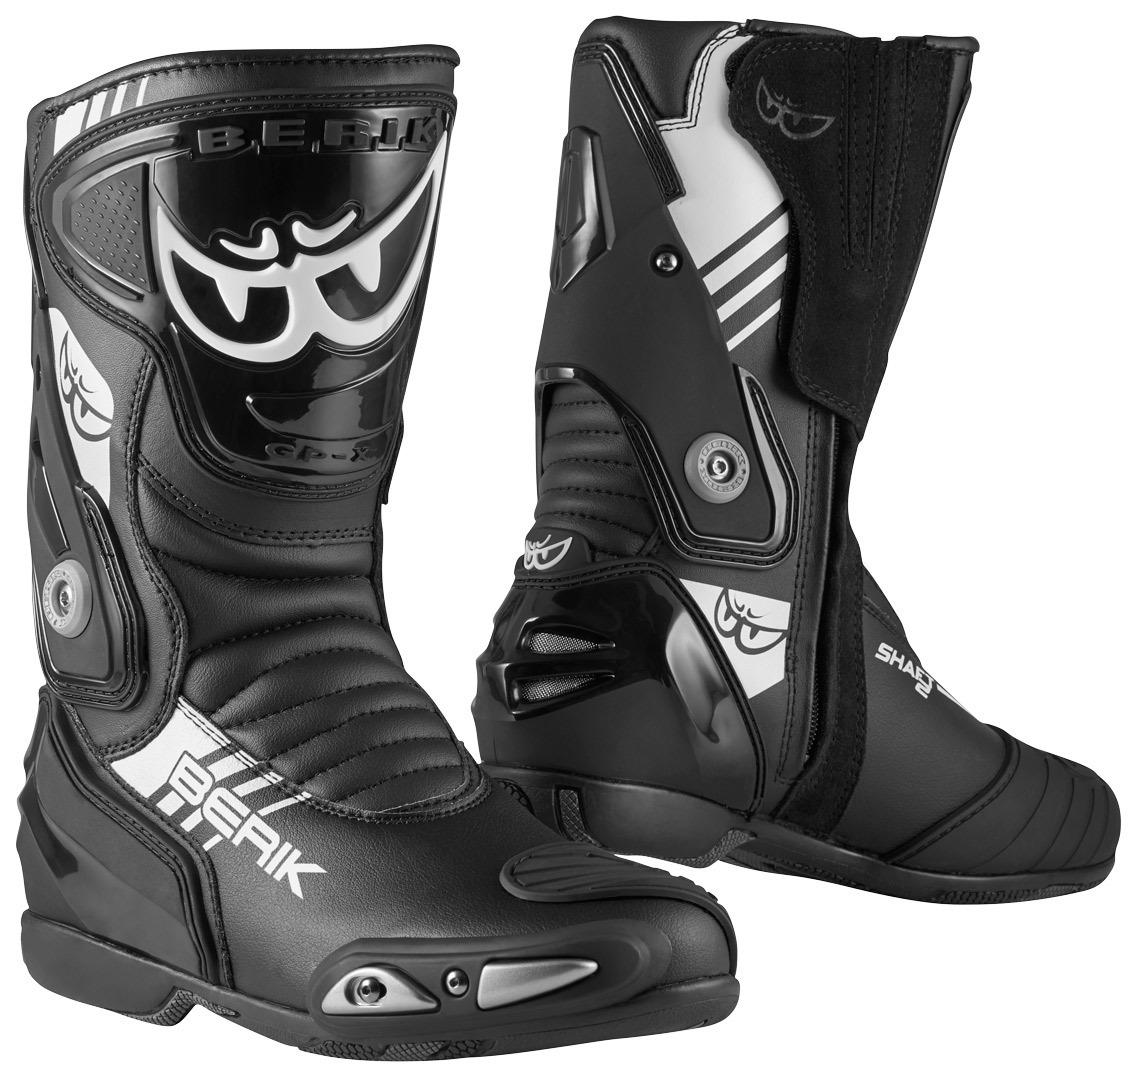 Berik Shaft 3.0 Motorradstiefel, schwarz-weiss, Größe 43, schwarz-weiss, Größe 43